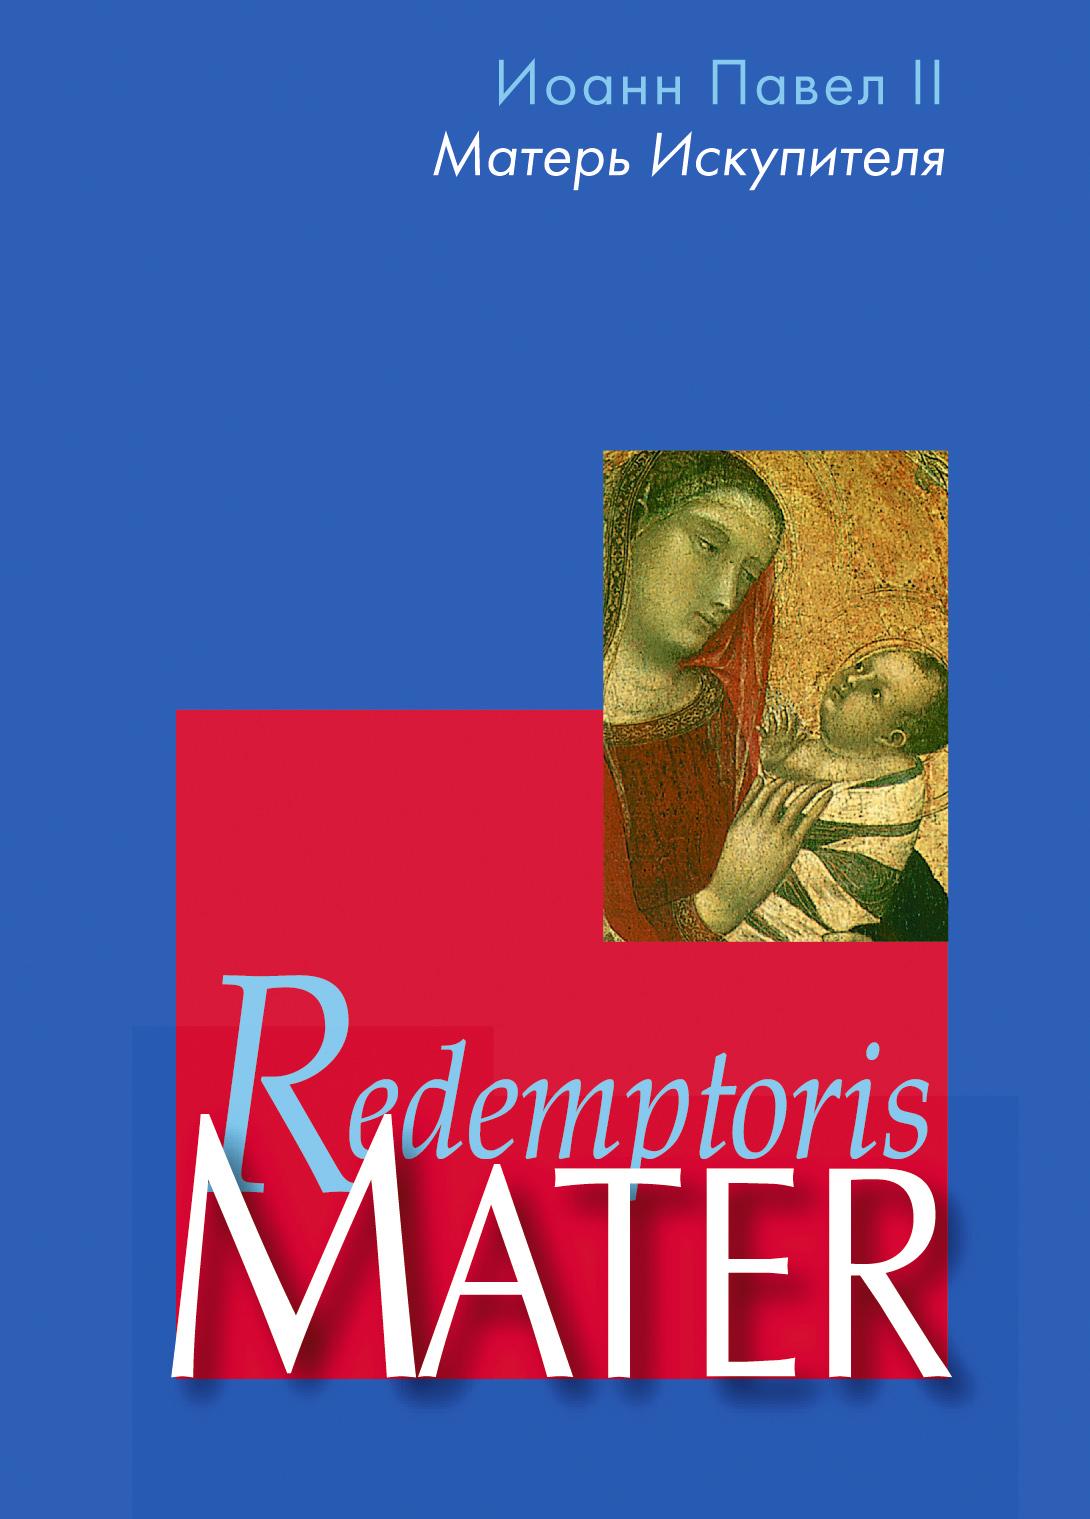 Иоанн Павел II Энциклика «Матерь Искупителя» (Redemptoris Mater) Папы Римского Иоанна Павла II, посвященная Пресвятой Деве Марии как Матери Искупителя отсутствует житие сильвестра папы римского в агиографическом своде андрея курбского